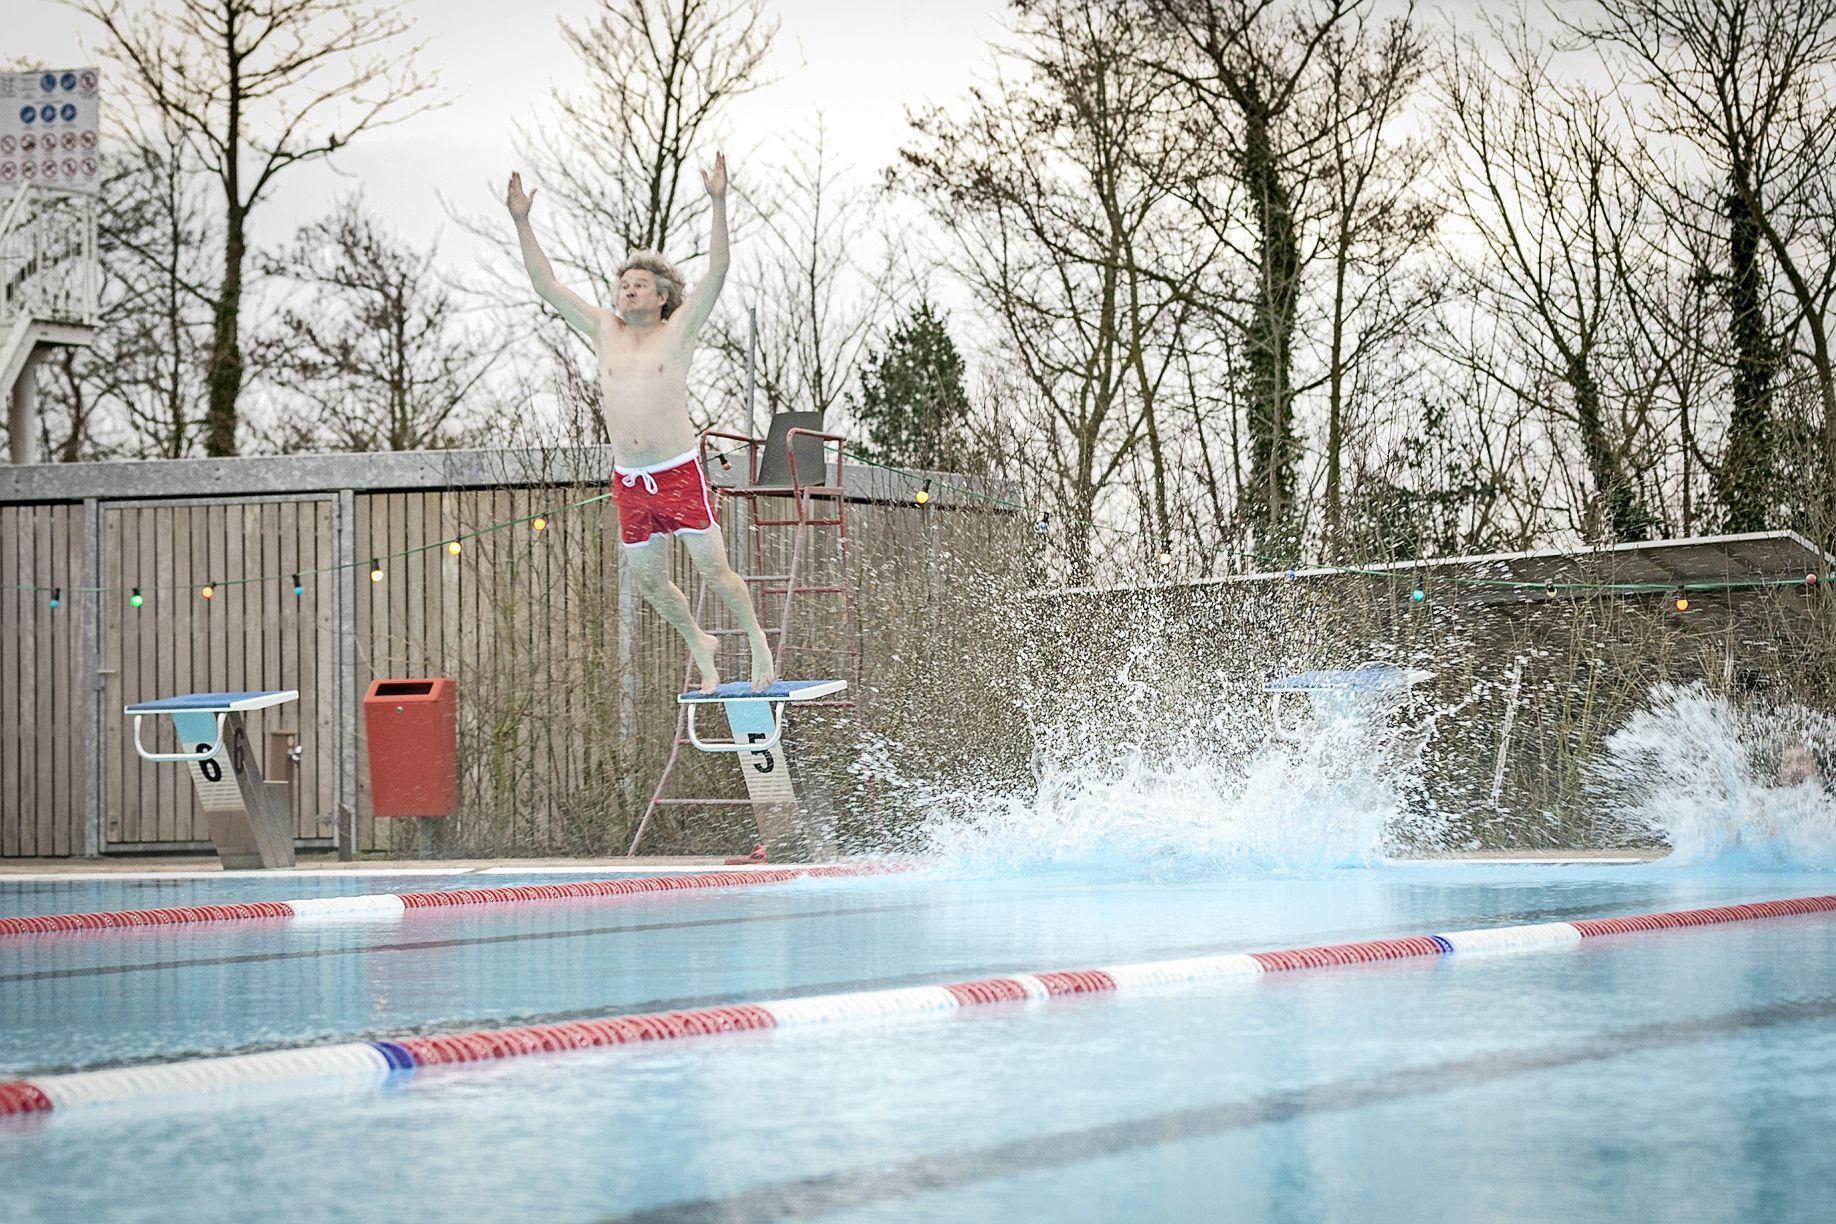 Met een reuzensprong opent wethouder Remko van de Belt zwembad Molenkoog. Gevoelstemperatuur: enkele graden boven nul